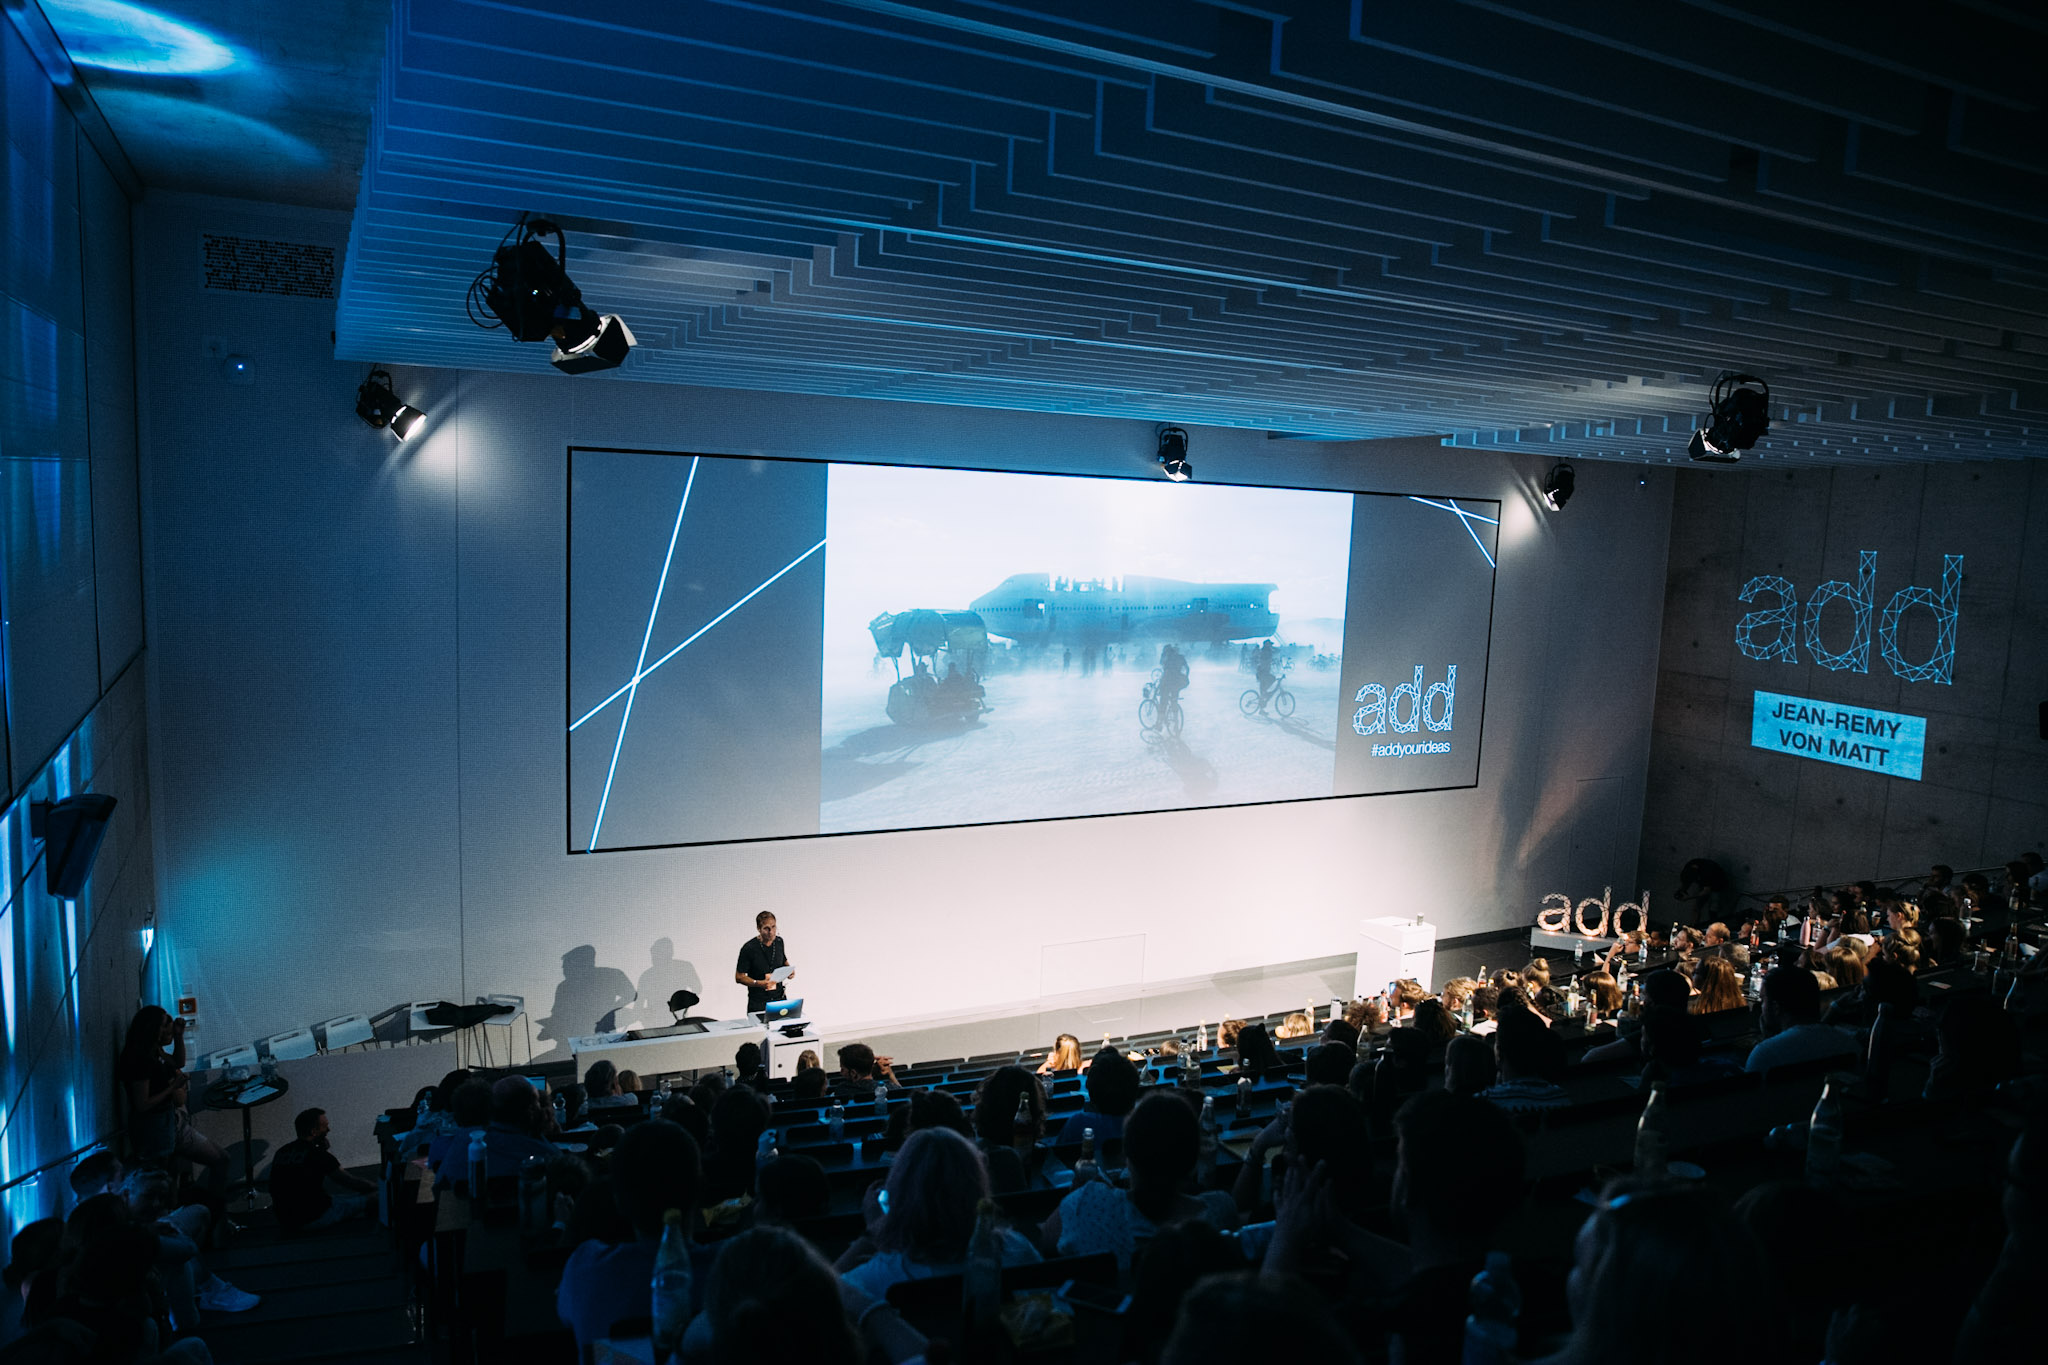 Hochkarätige Speaker bei der add conference